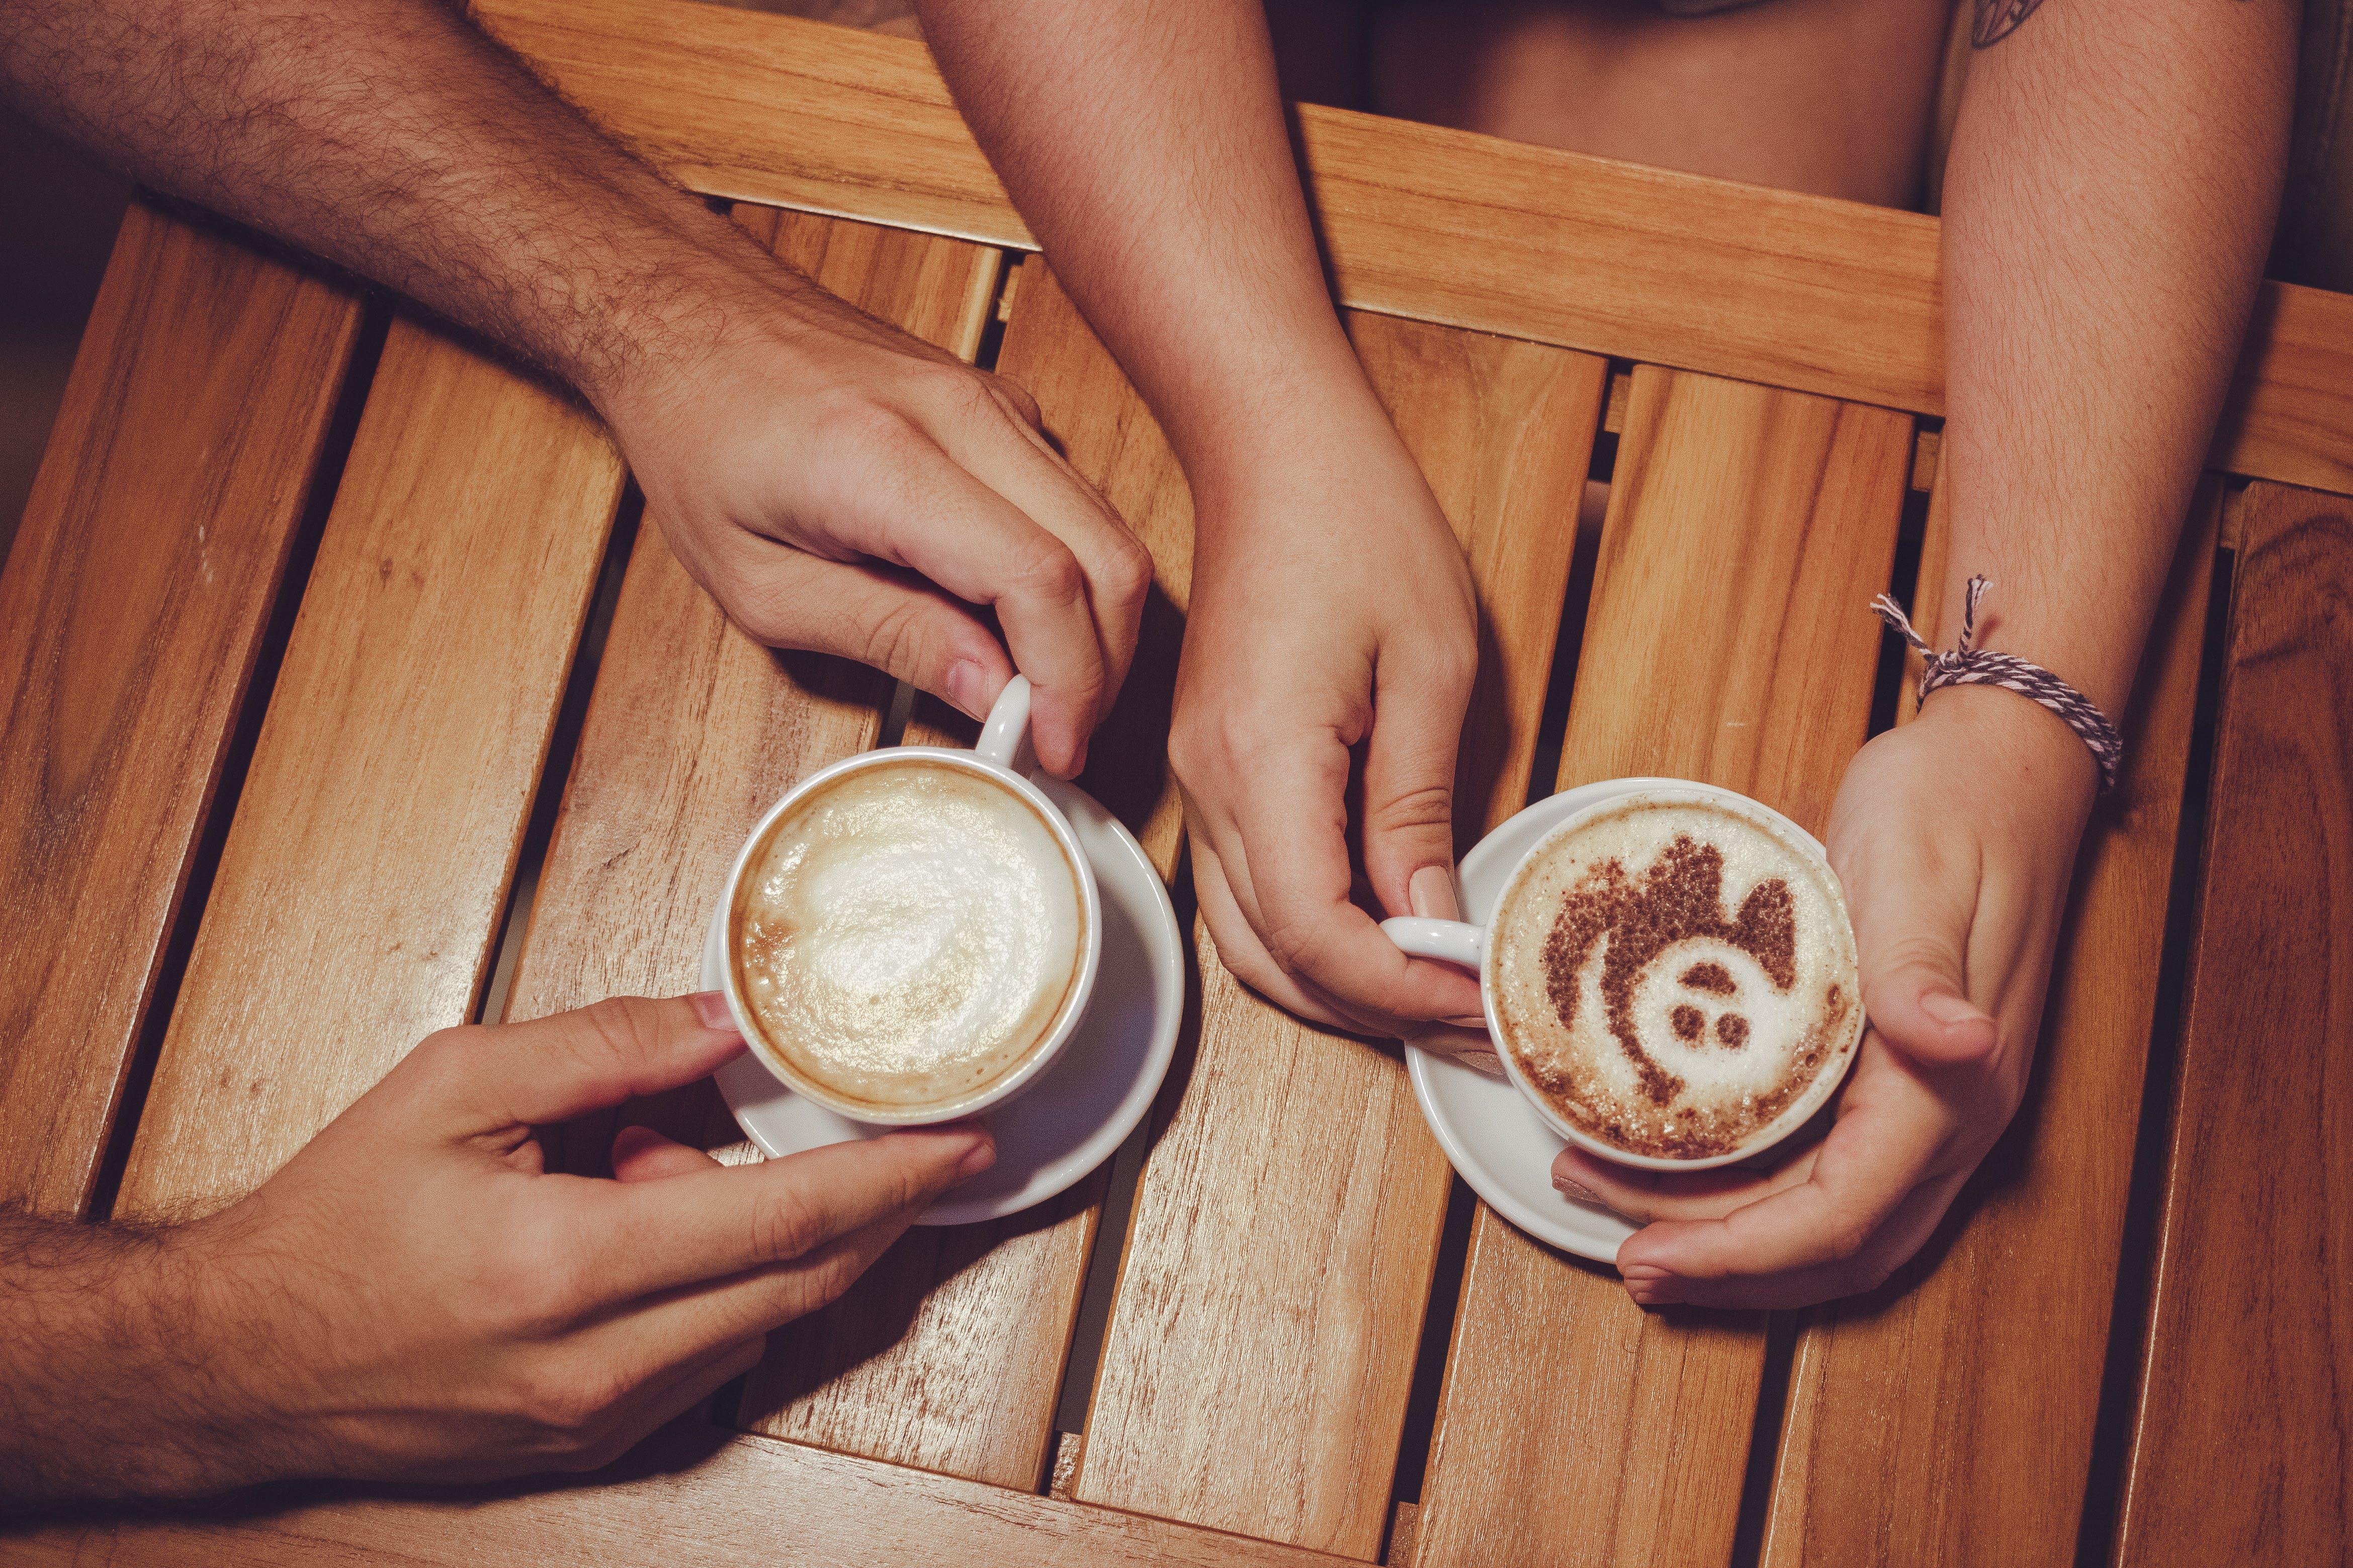 beltéri, csésze kávé, csípős